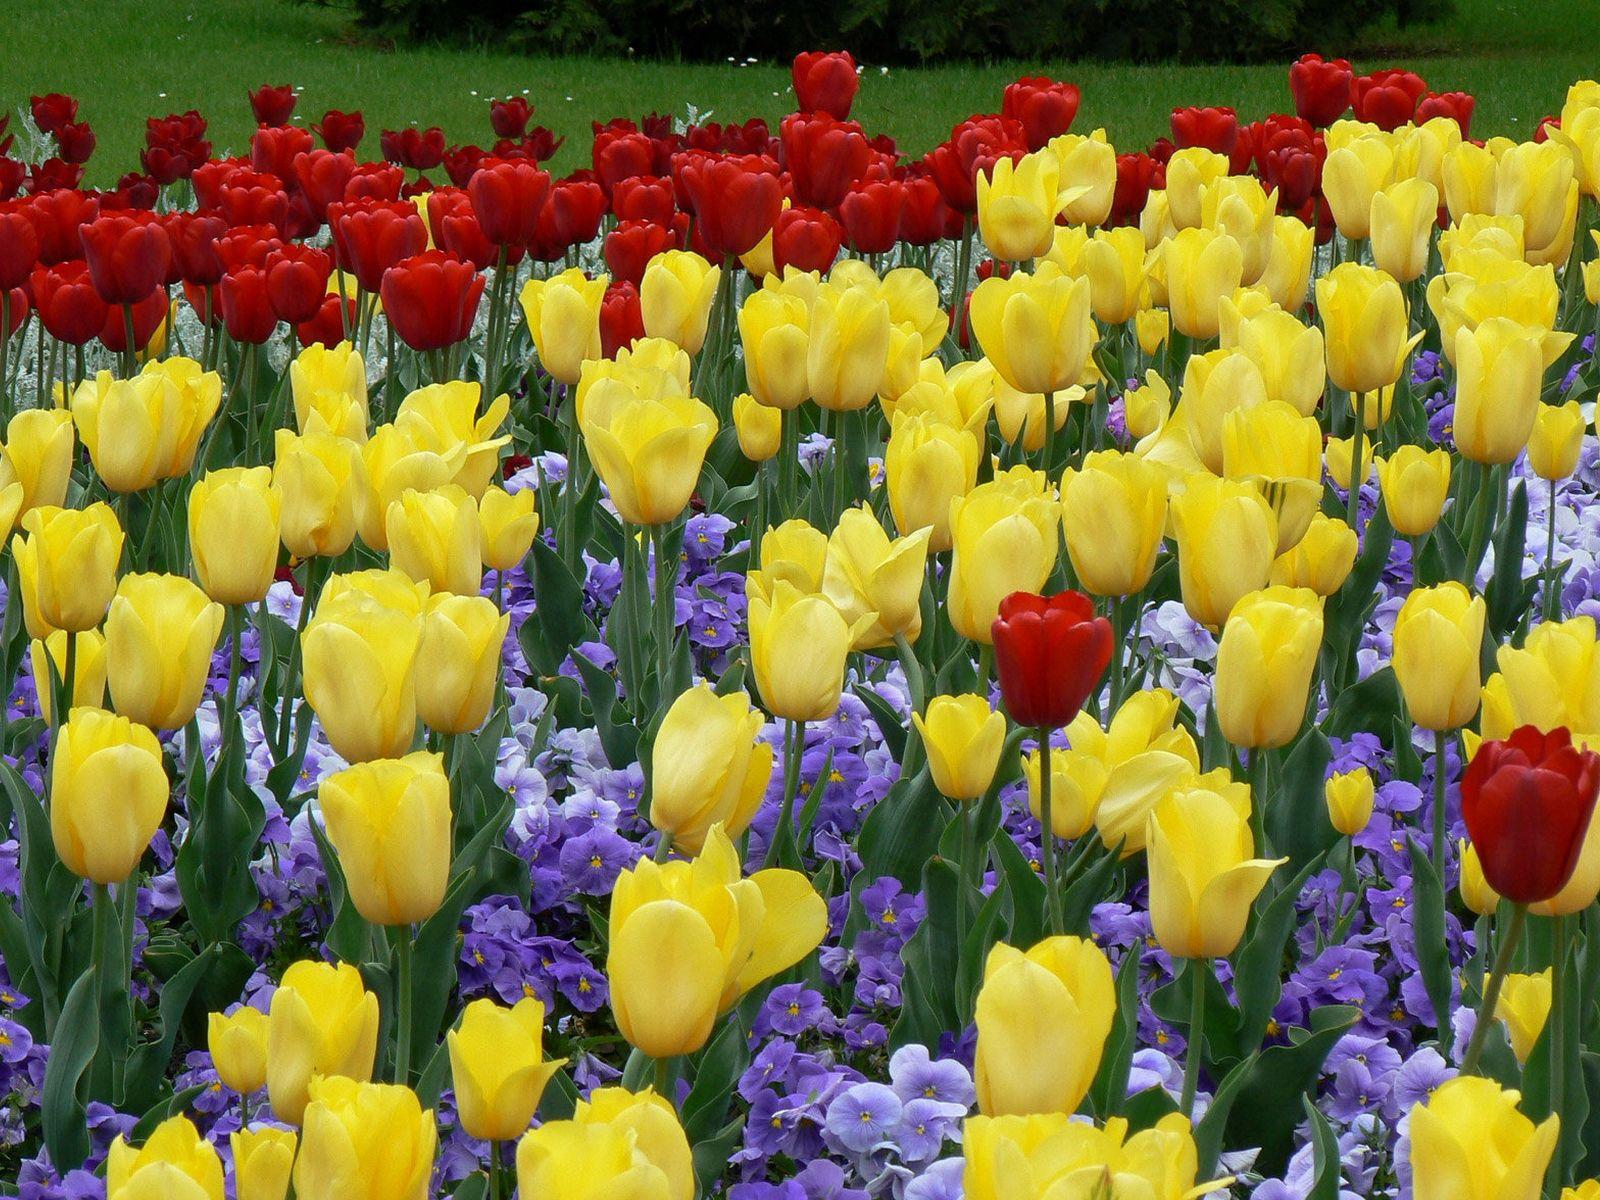 141668 descargar fondo de pantalla Flores, Cama De Flores, Parterre, El Parque, Parque, Césped, Belleza, Tulipanes: protectores de pantalla e imágenes gratis